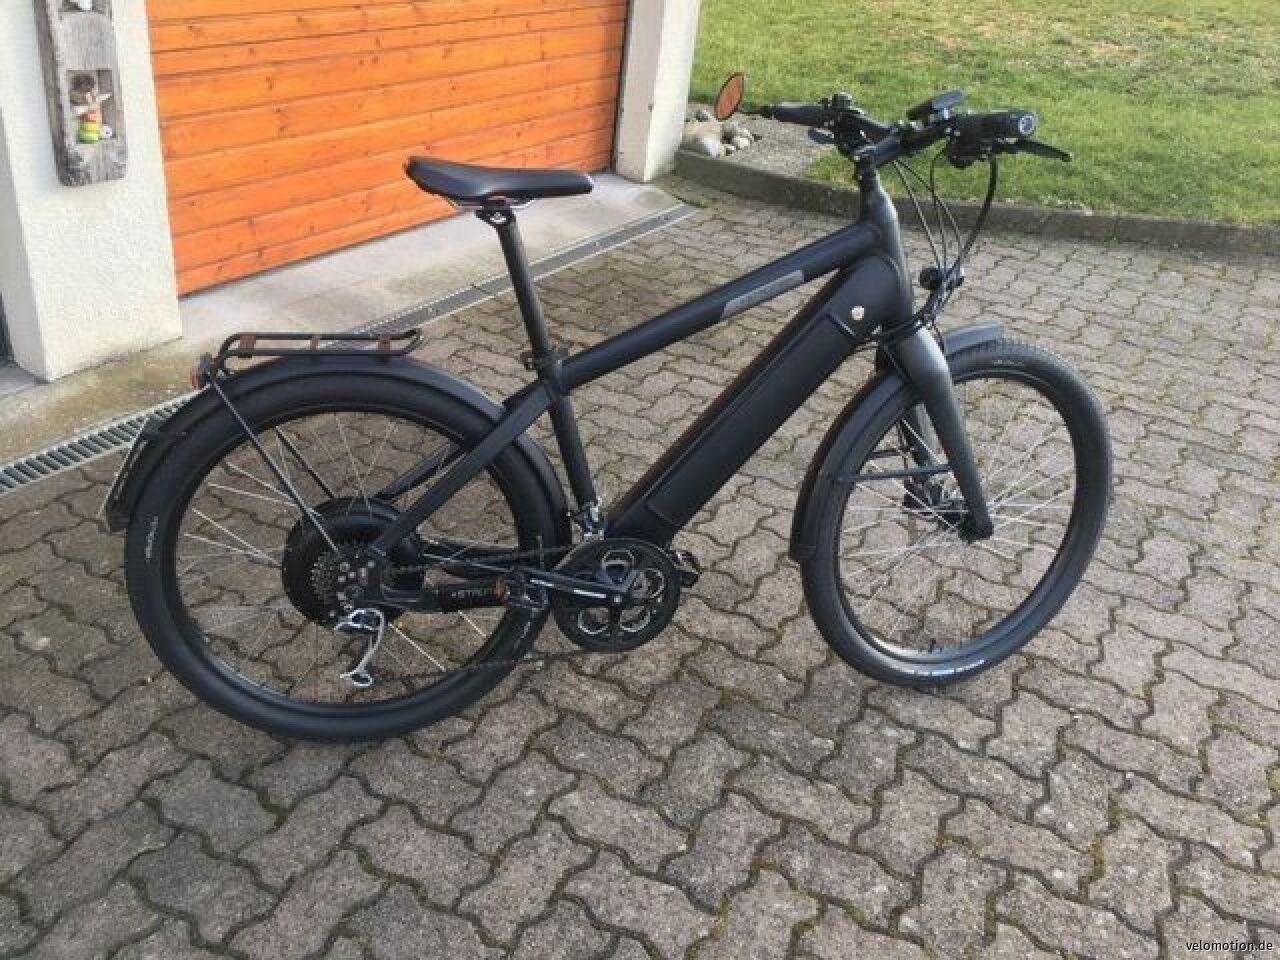 Ebike, Stromer ST1 Platinum black zu verkaufen, E-Bike